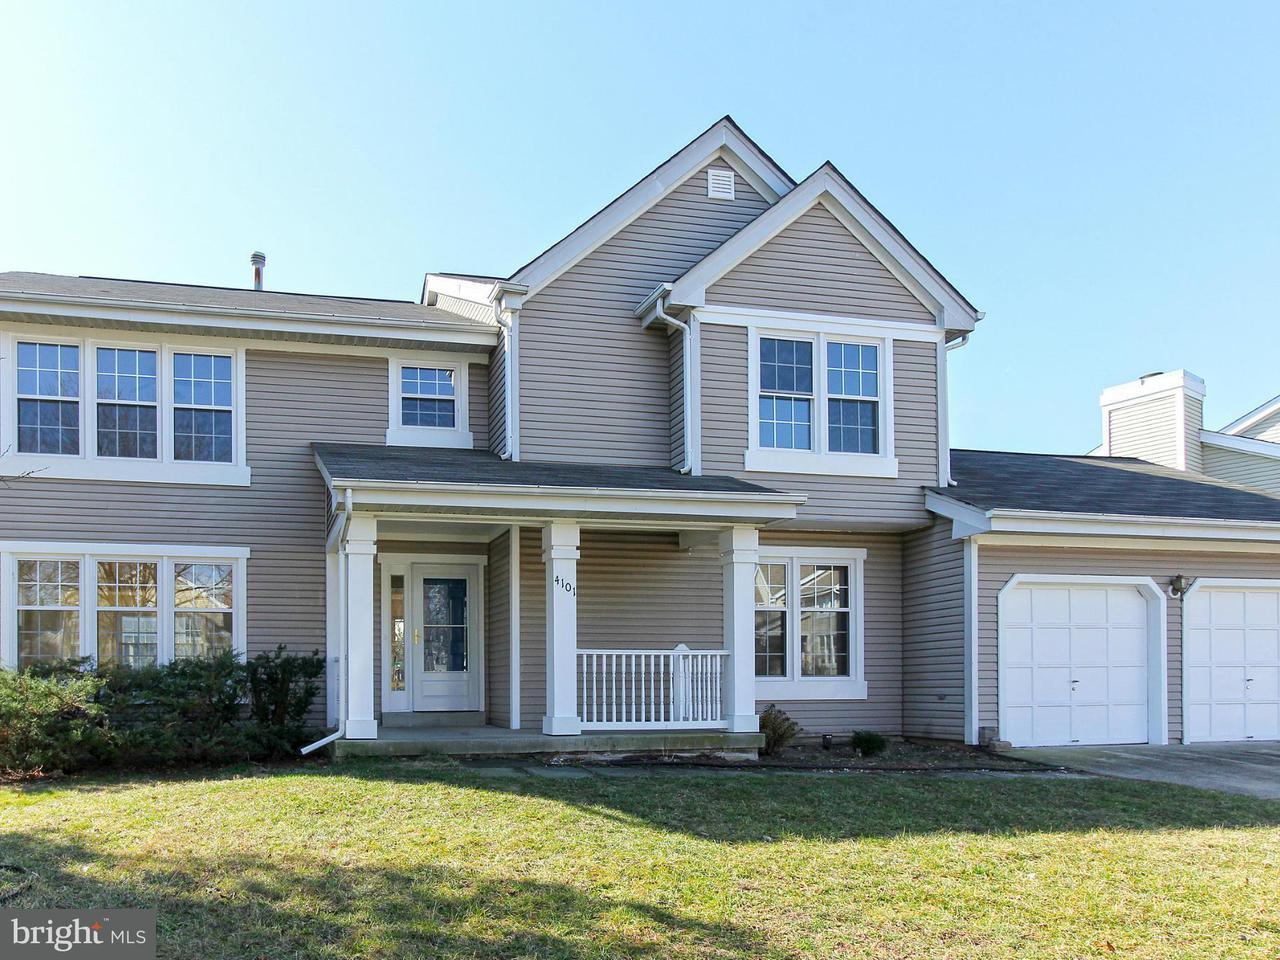 Μονοκατοικία για την Πώληση στο 4101 TAUNTON Drive 4101 TAUNTON Drive Beltsville, Μεριλαντ 20705 Ηνωμενεσ Πολιτειεσ